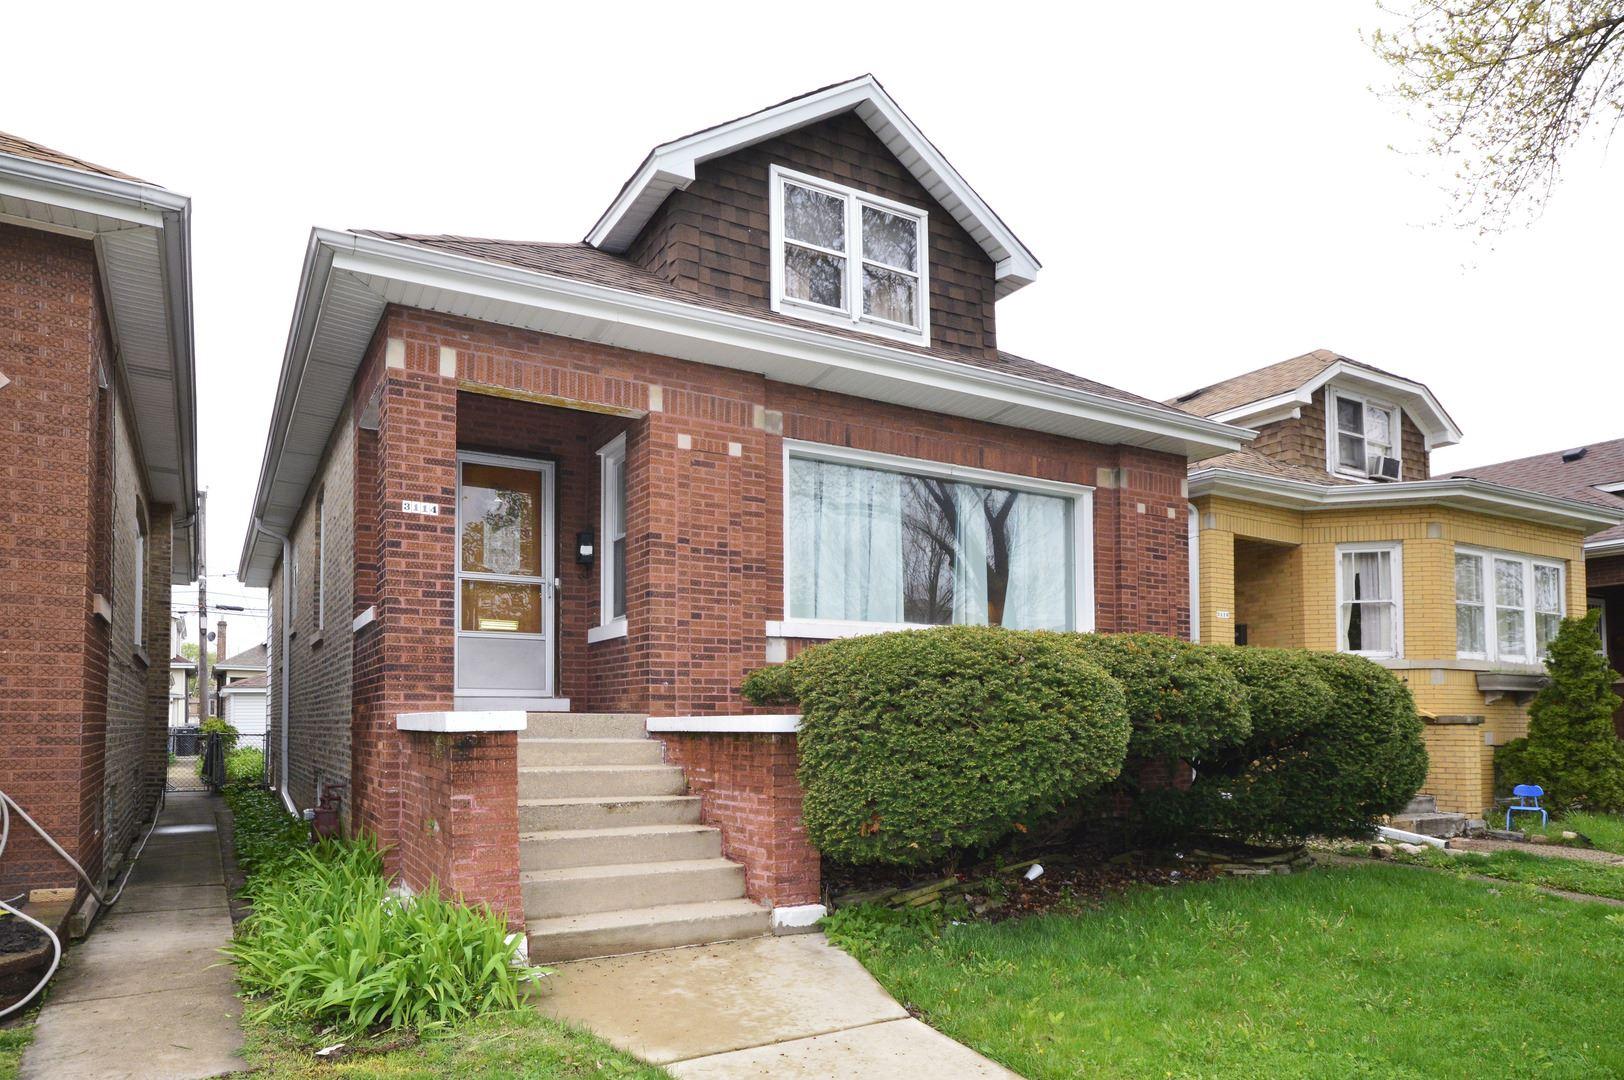 3114 N Mango Avenue, Chicago, IL 60634 - #: 10703416